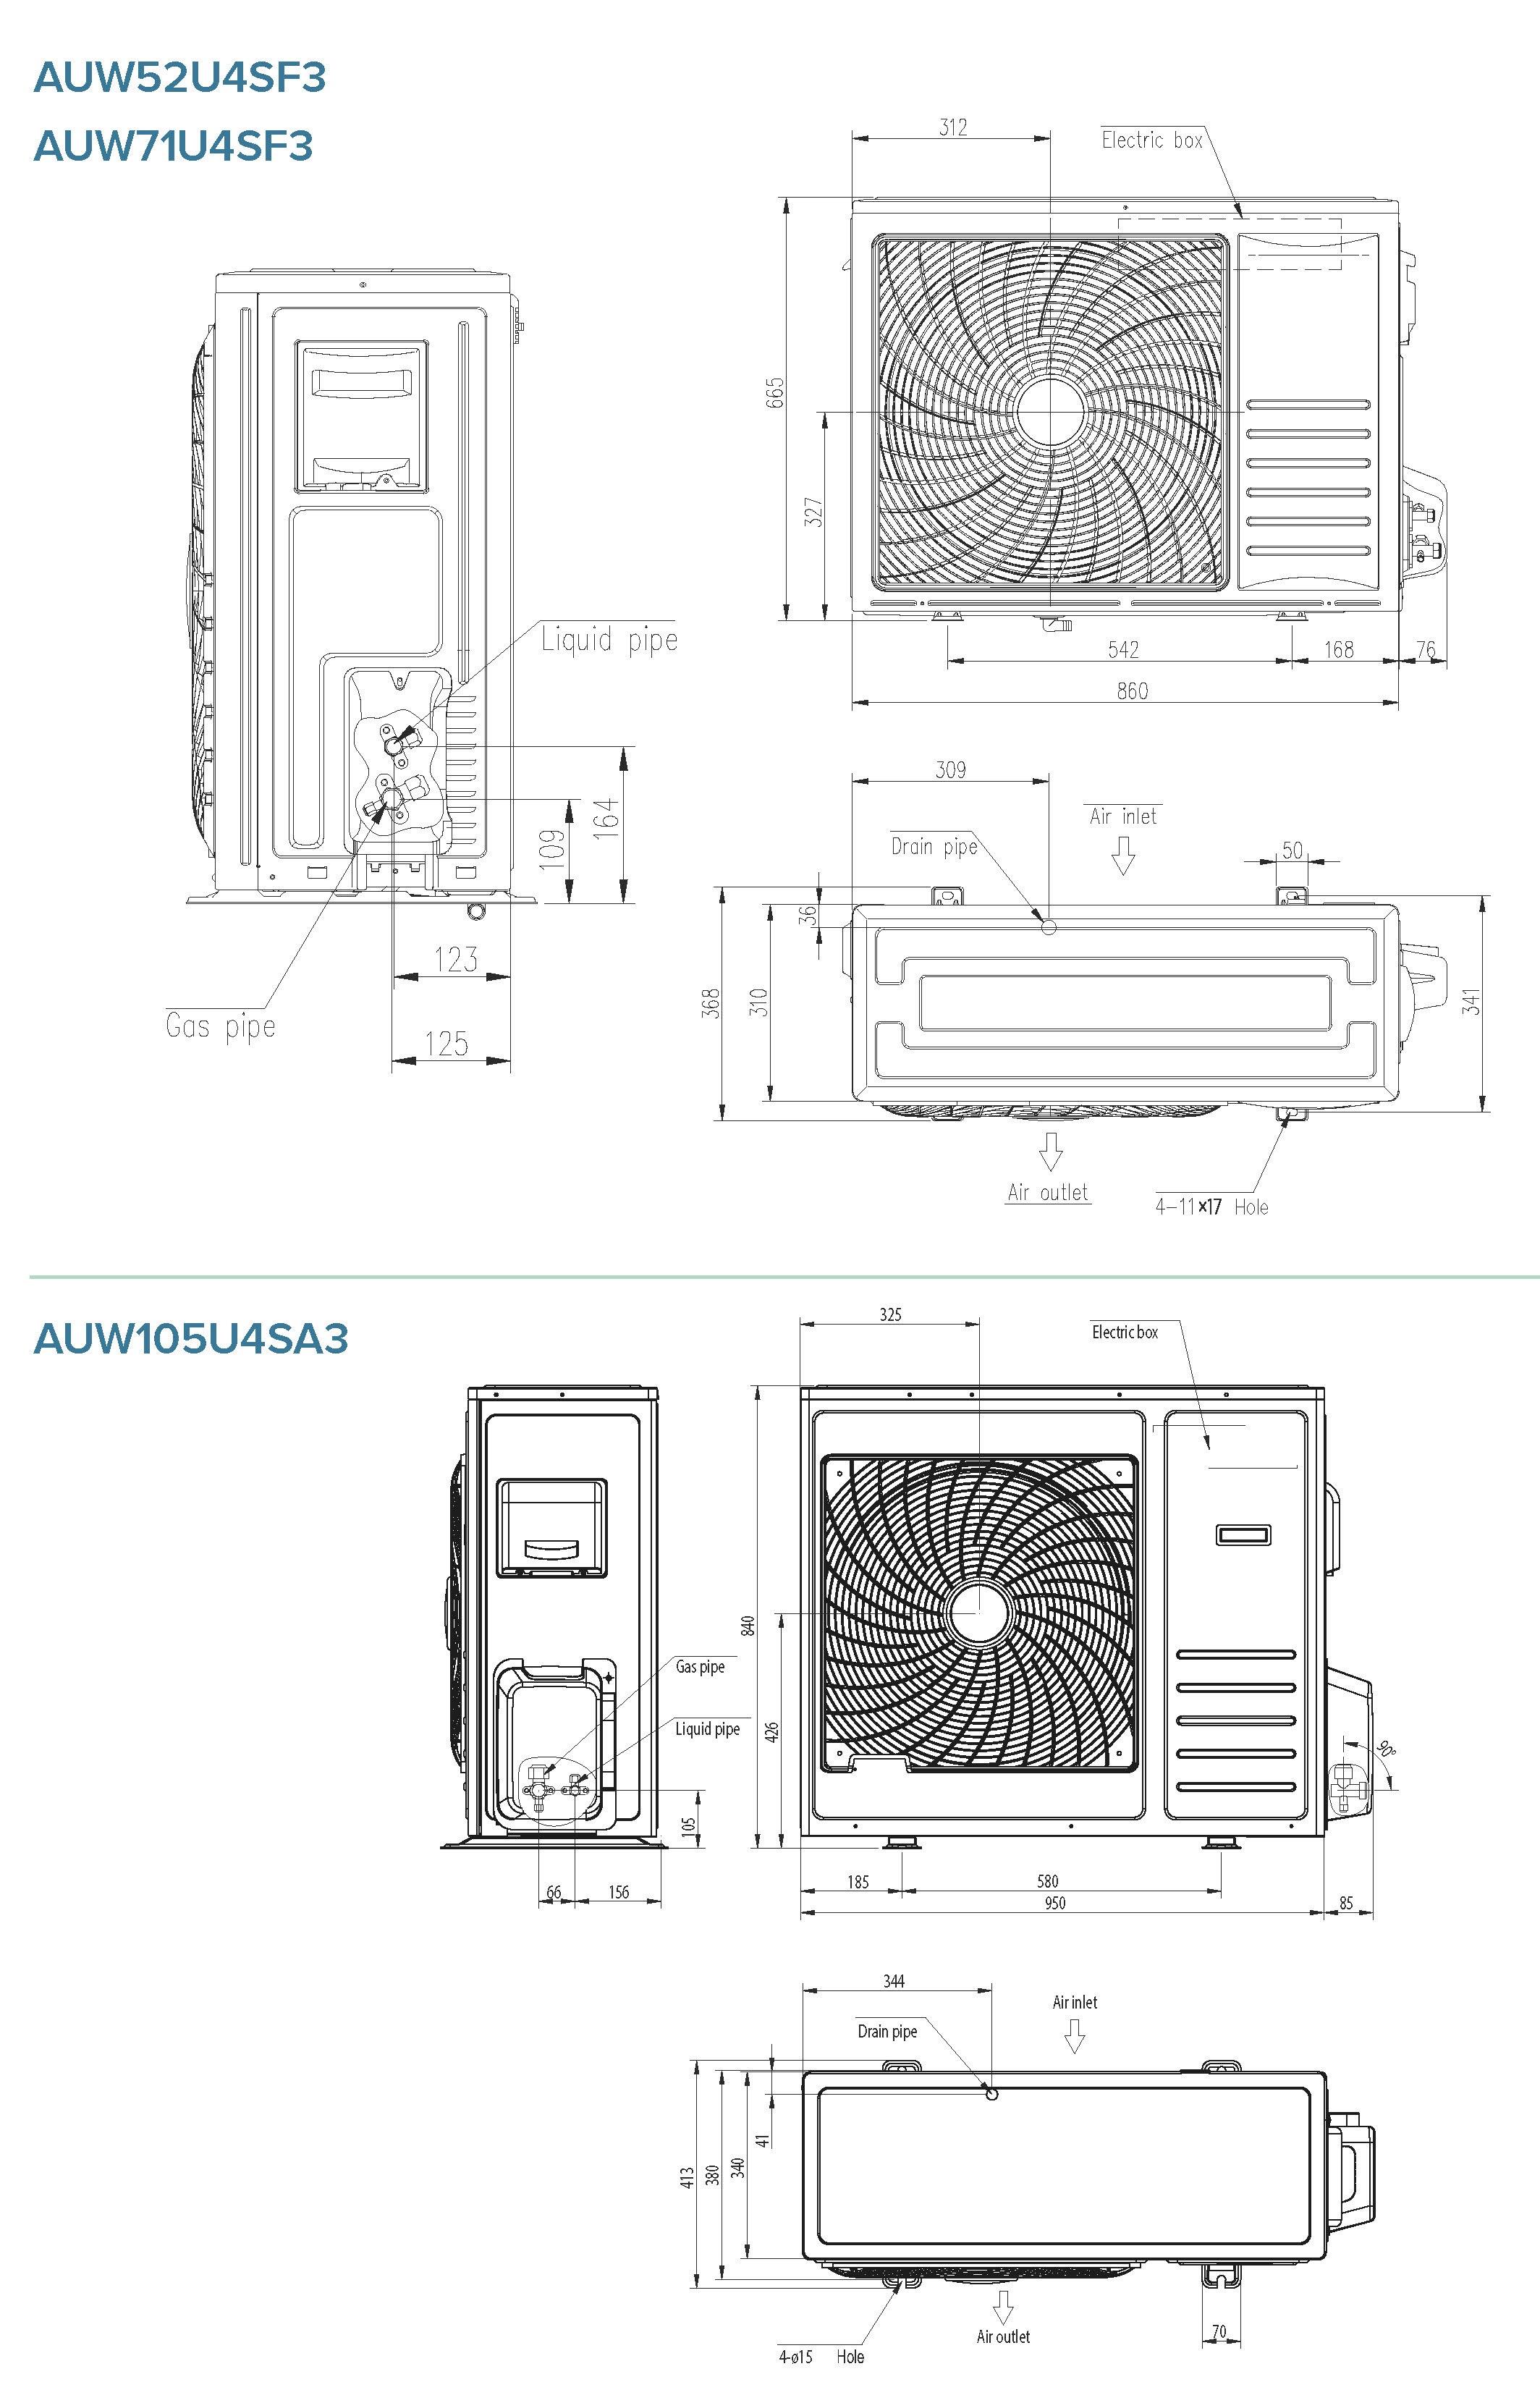 Condizionatore Hisense Commerciale 36000 Btu AUD105UX4SHH3 A++/A+